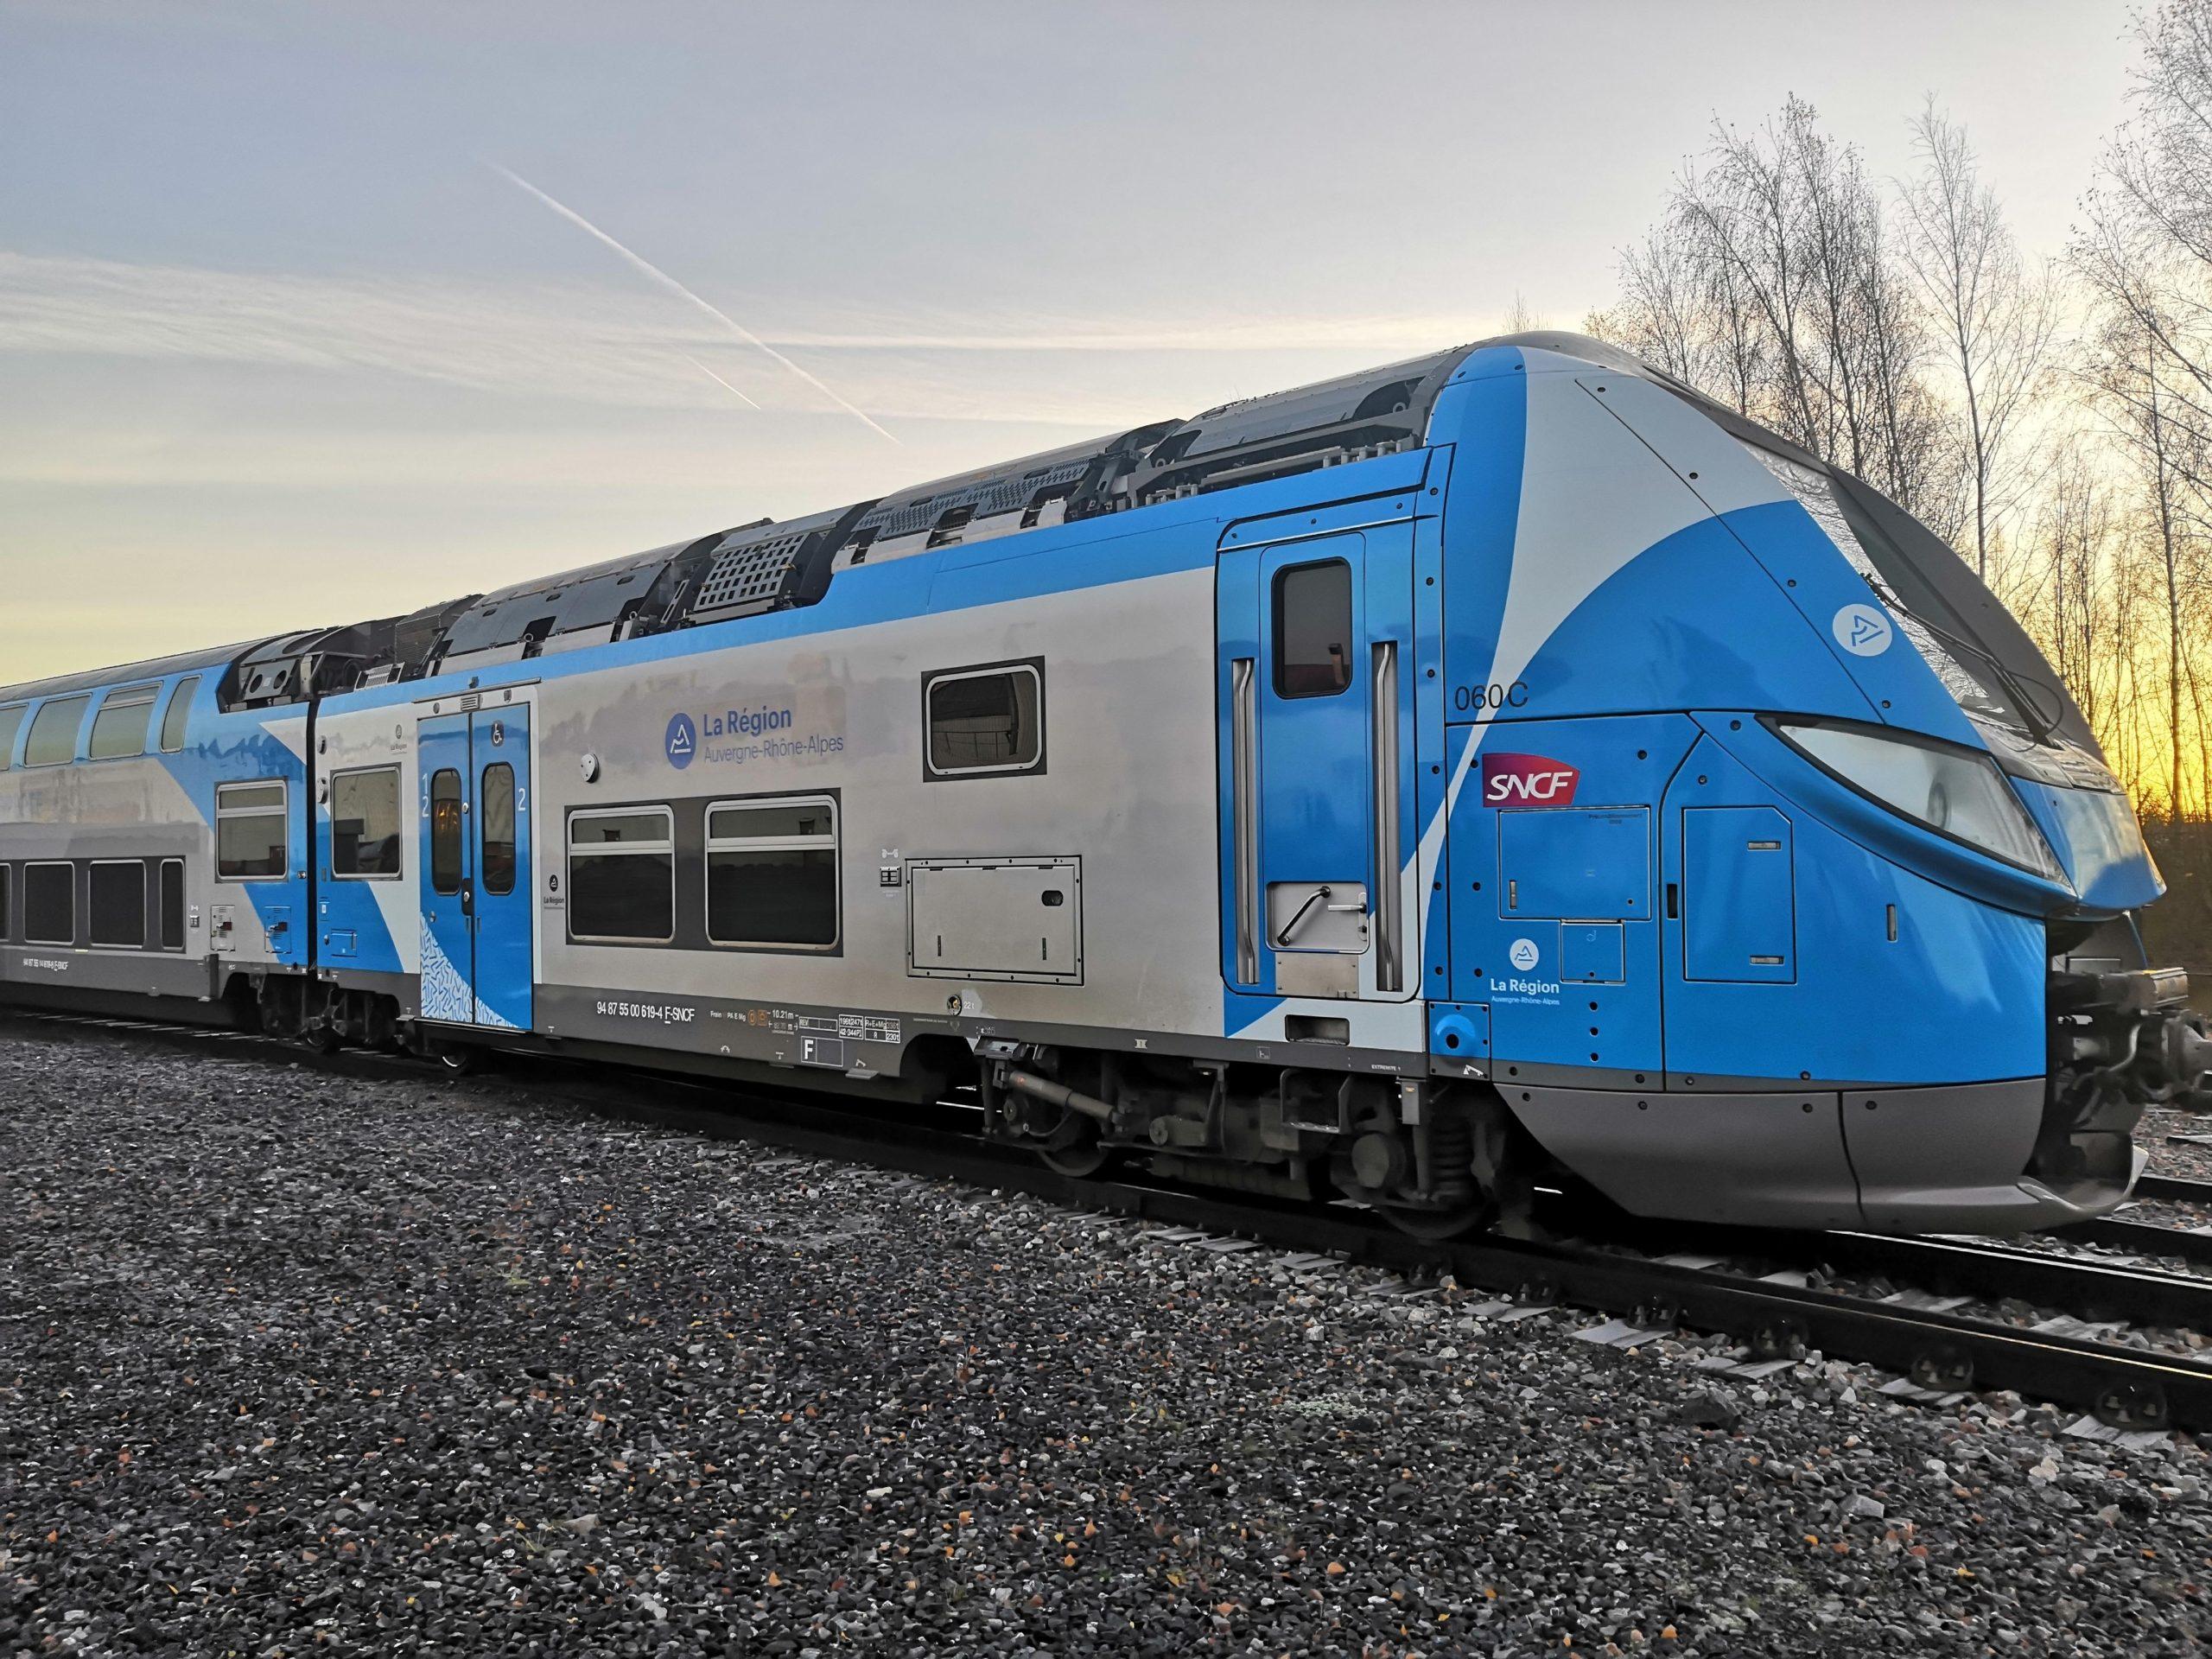 Bombardier Regio 2N train for Auvergne-Rhone-Alpes